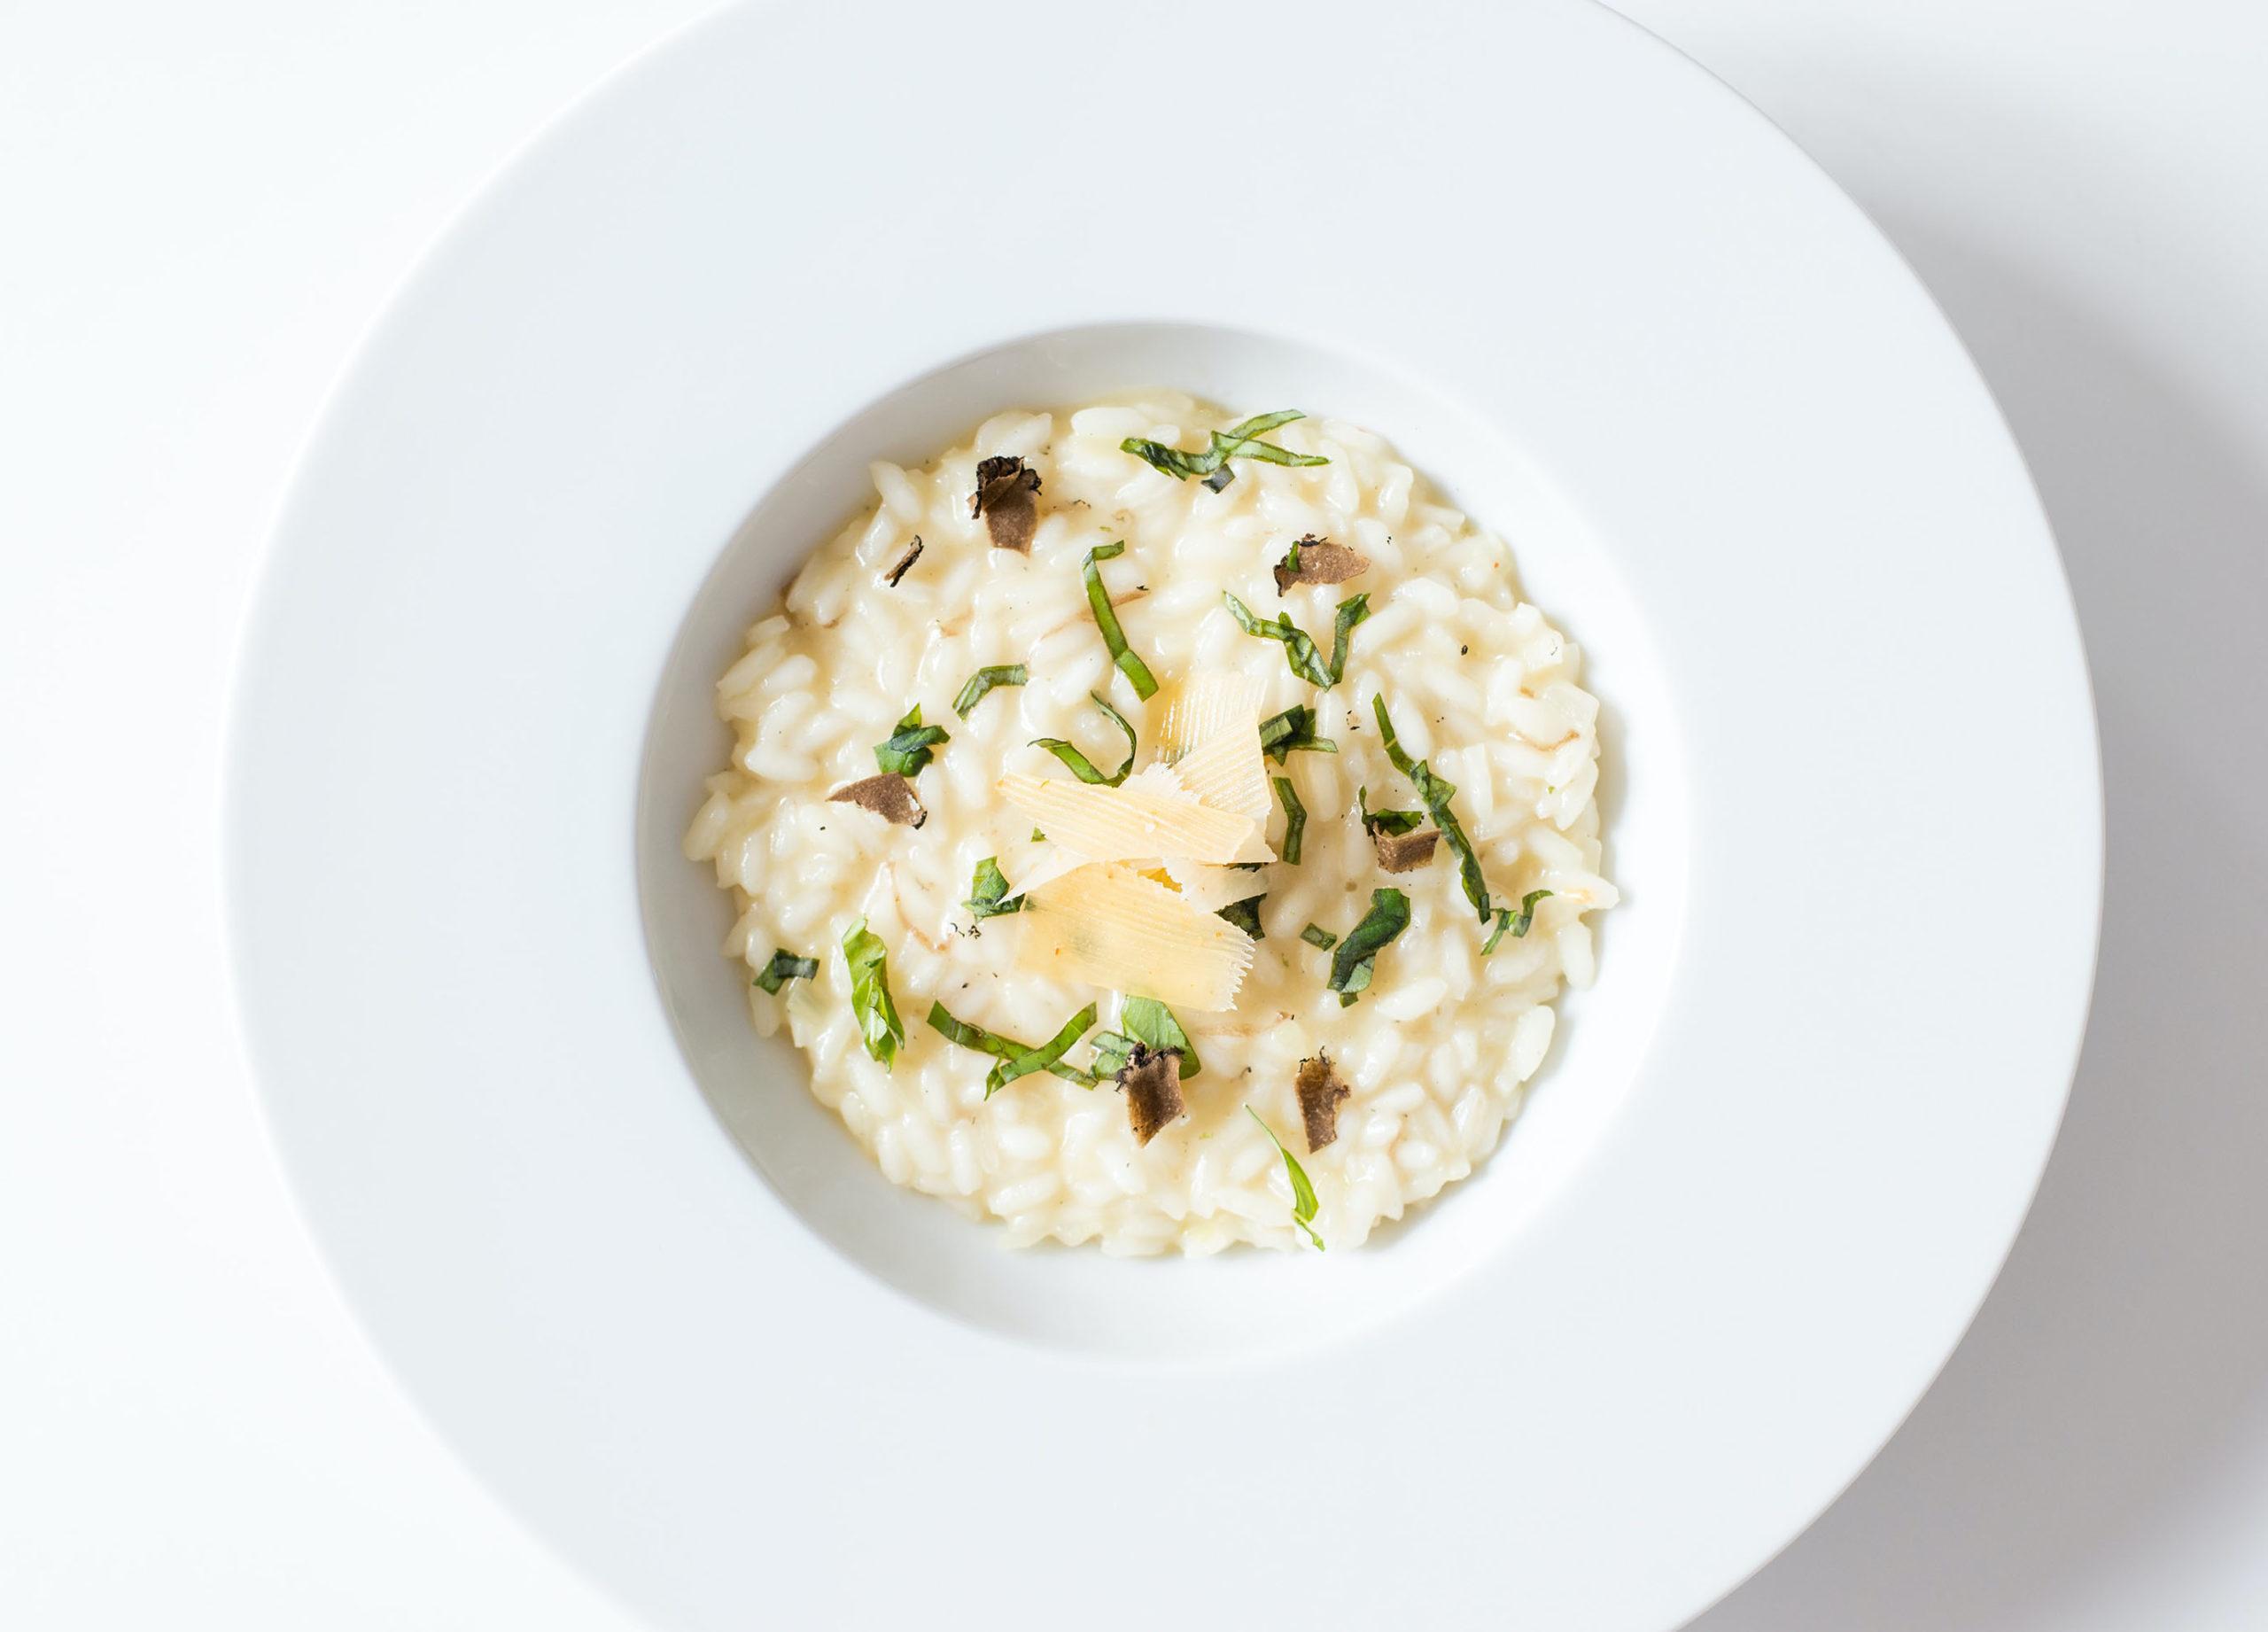 Belle assiette de risotto crémeux avec des copeaux de parmesan